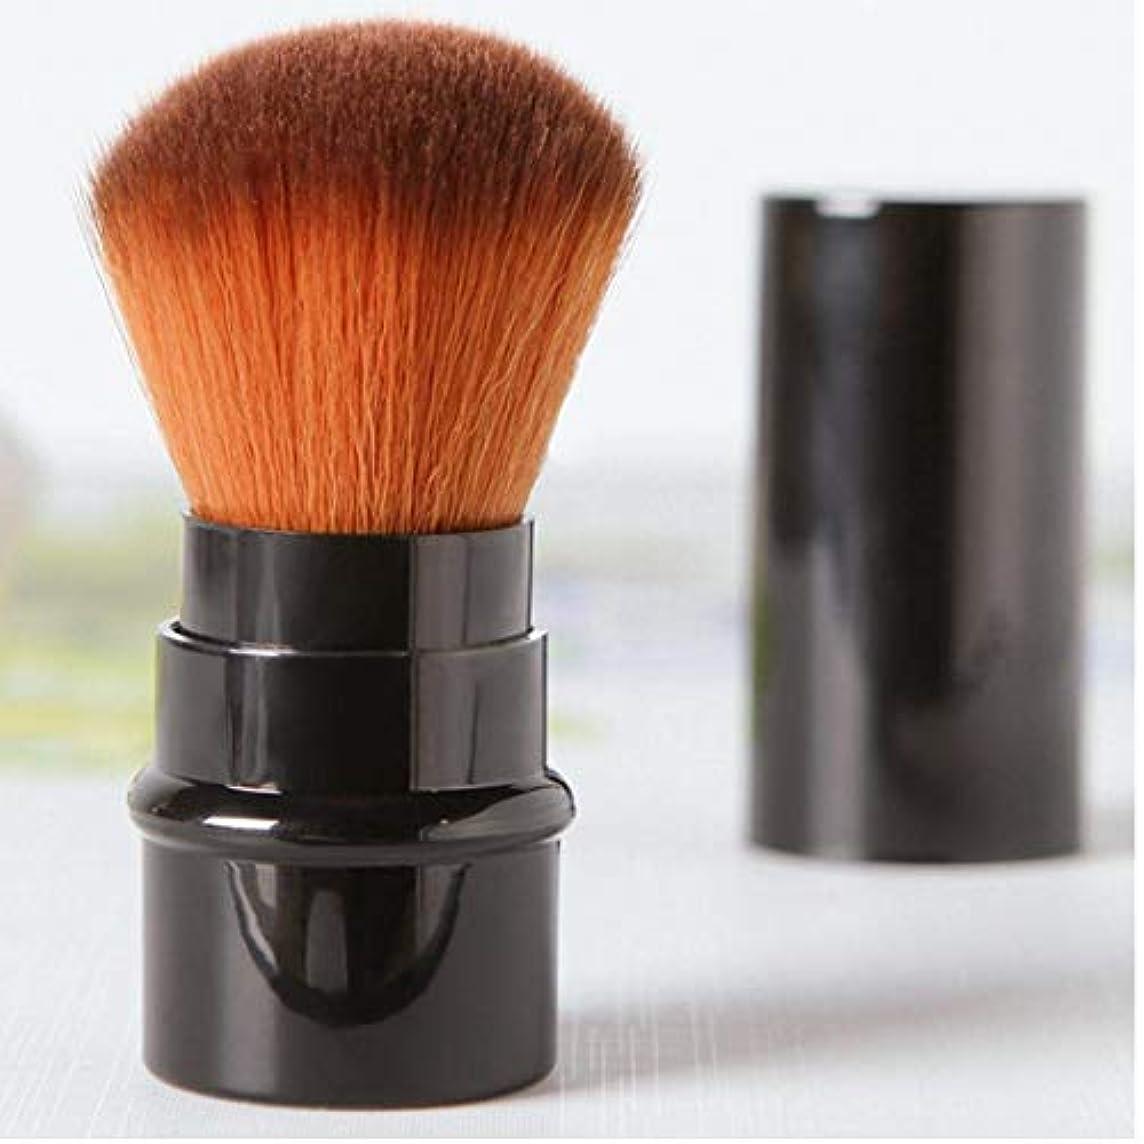 宿るきらめき熱心なブラッシュ、ブロンザー、蛍光ペン用ミニトラベルサイズマルチタスクメイクブラシ(包装色と取り扱い色が異なる場合があります)